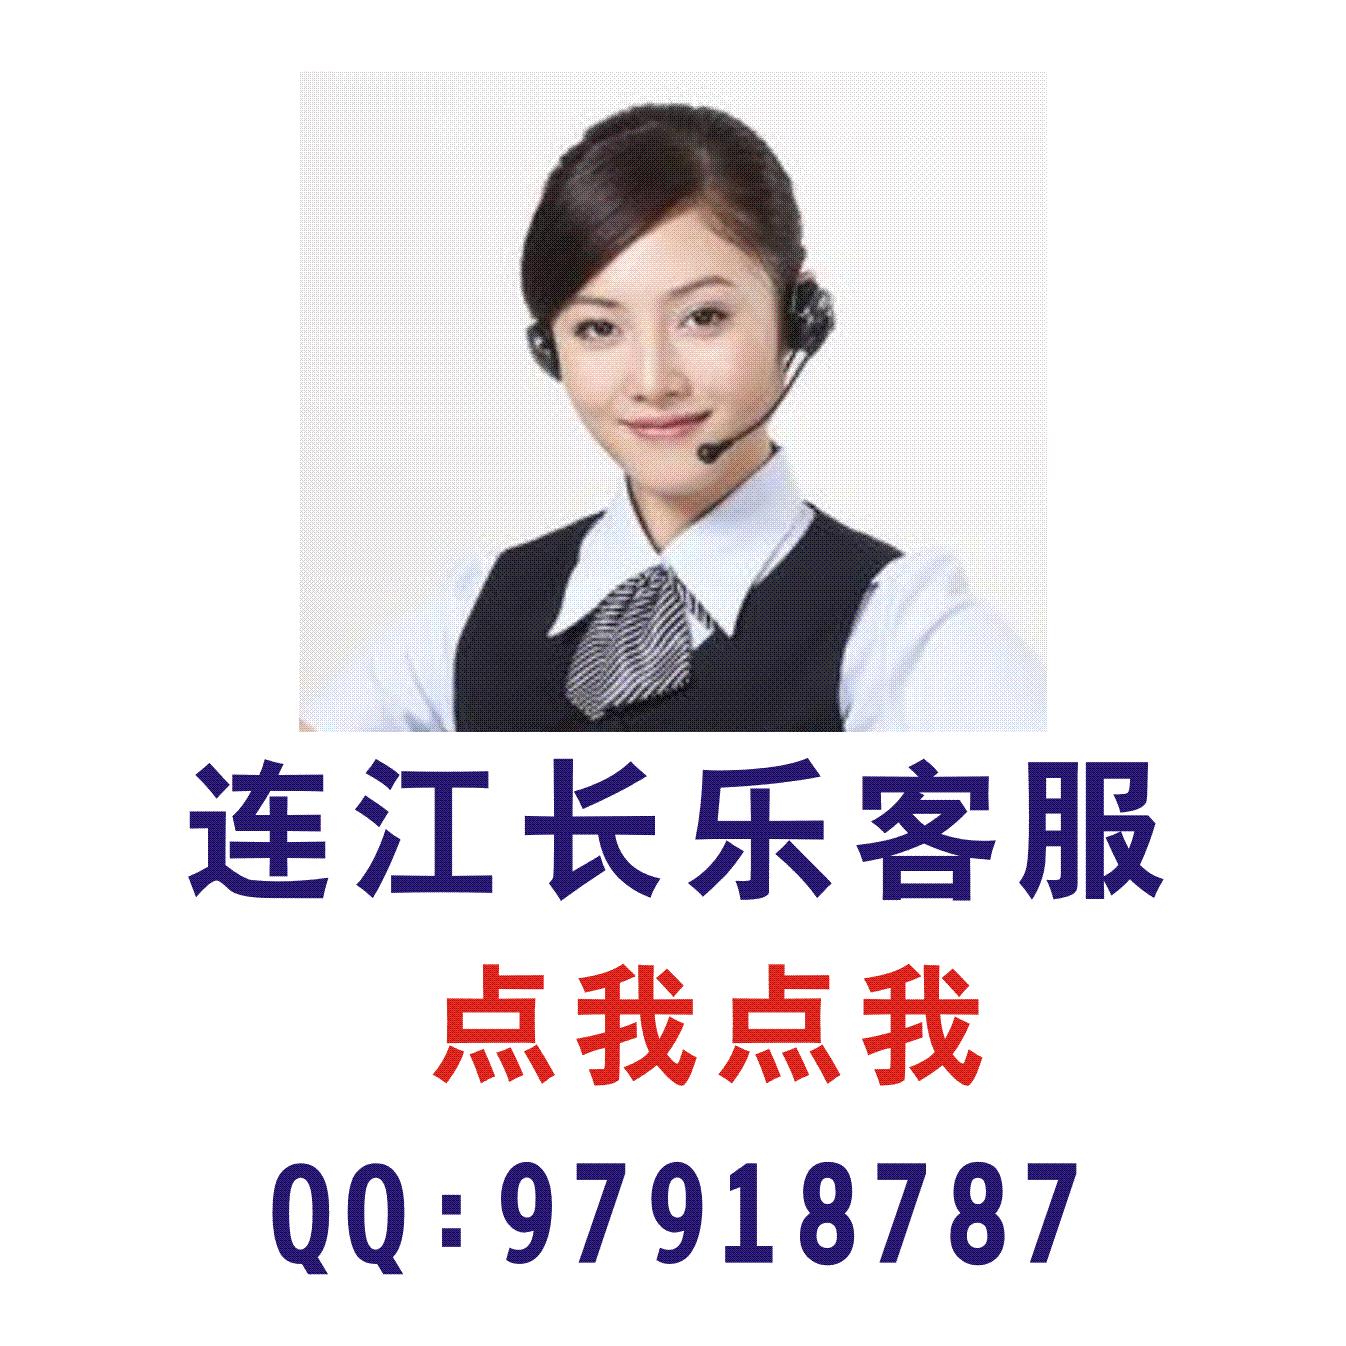 连江长乐客服QQ